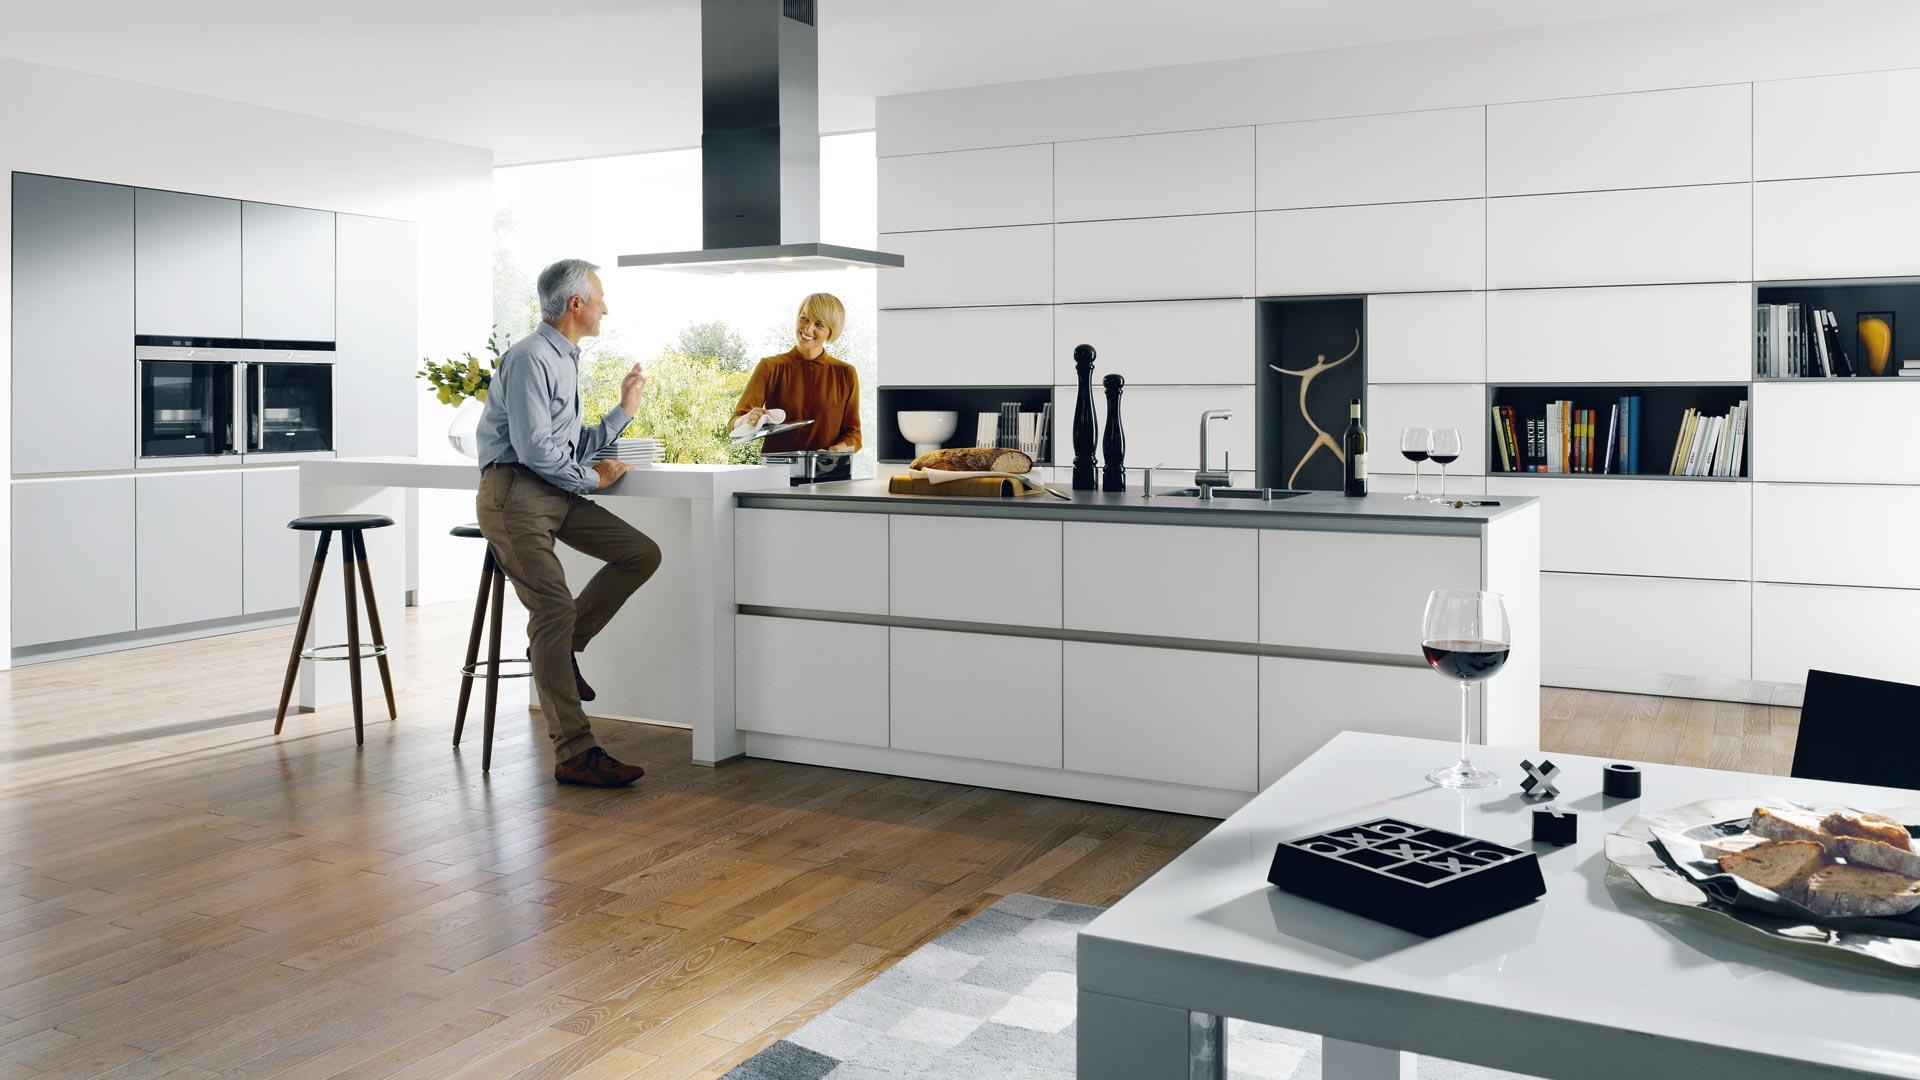 Küchen Flensburg schüller glasline in flensburg m t einrichtungszentrum